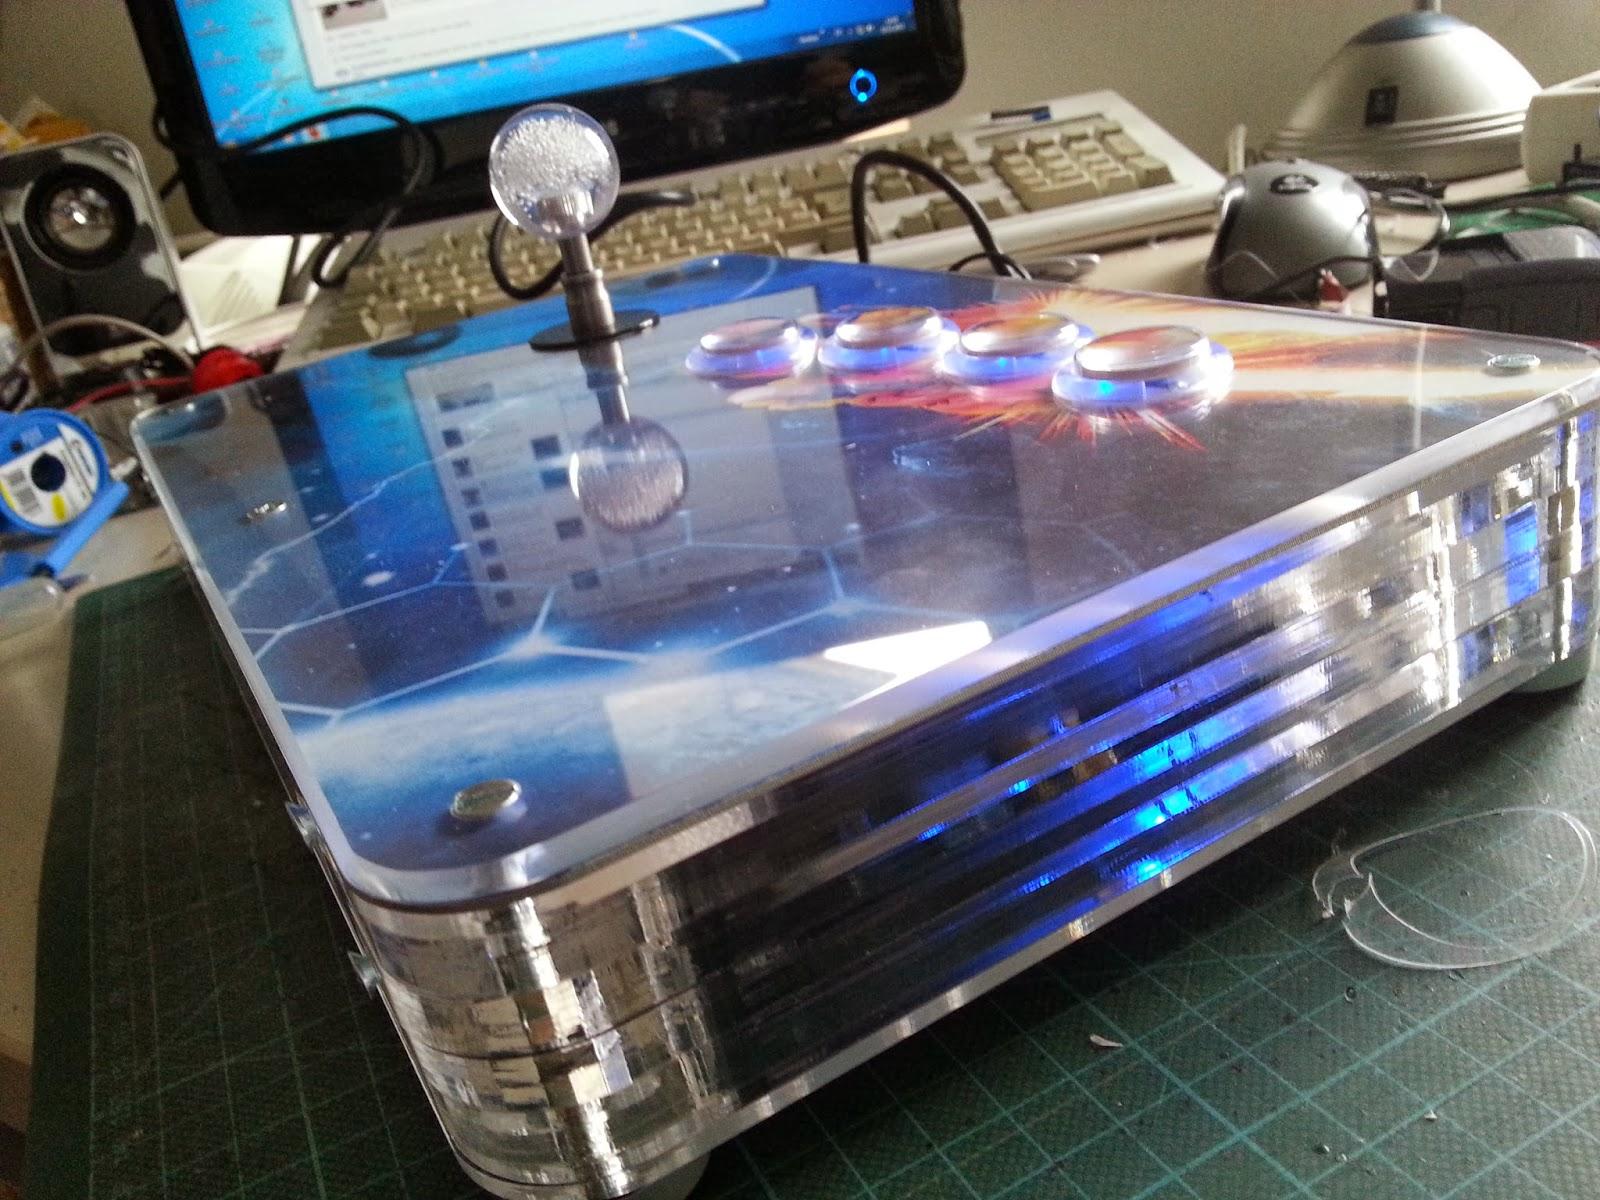 """[RASPBERRY-PI] Réaliser une """"Rétro-Gaming Box"""" avec une Framboise - Page 5 20131122_121819"""